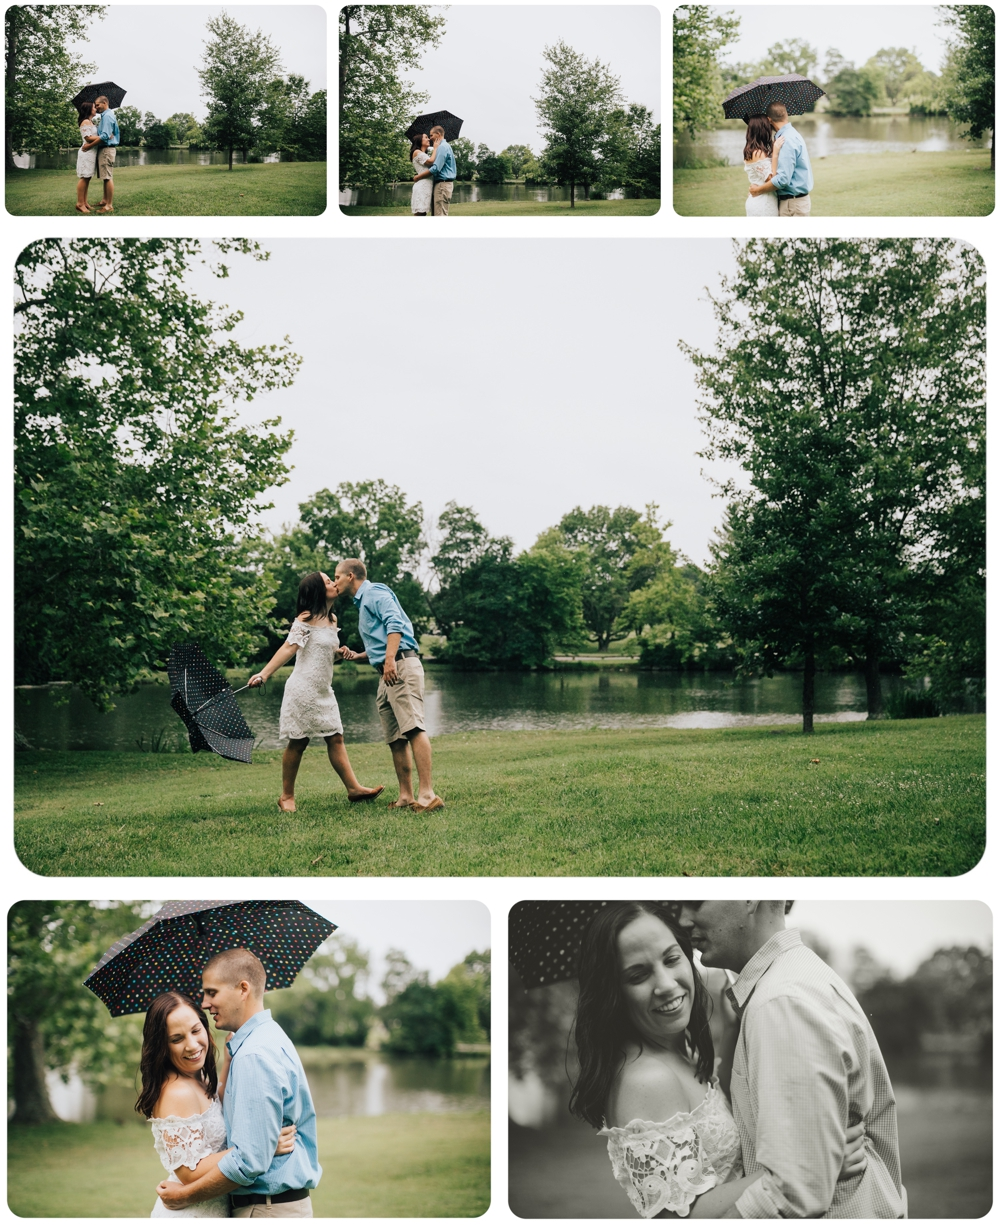 Allison-Matt-Collage-7.jpg